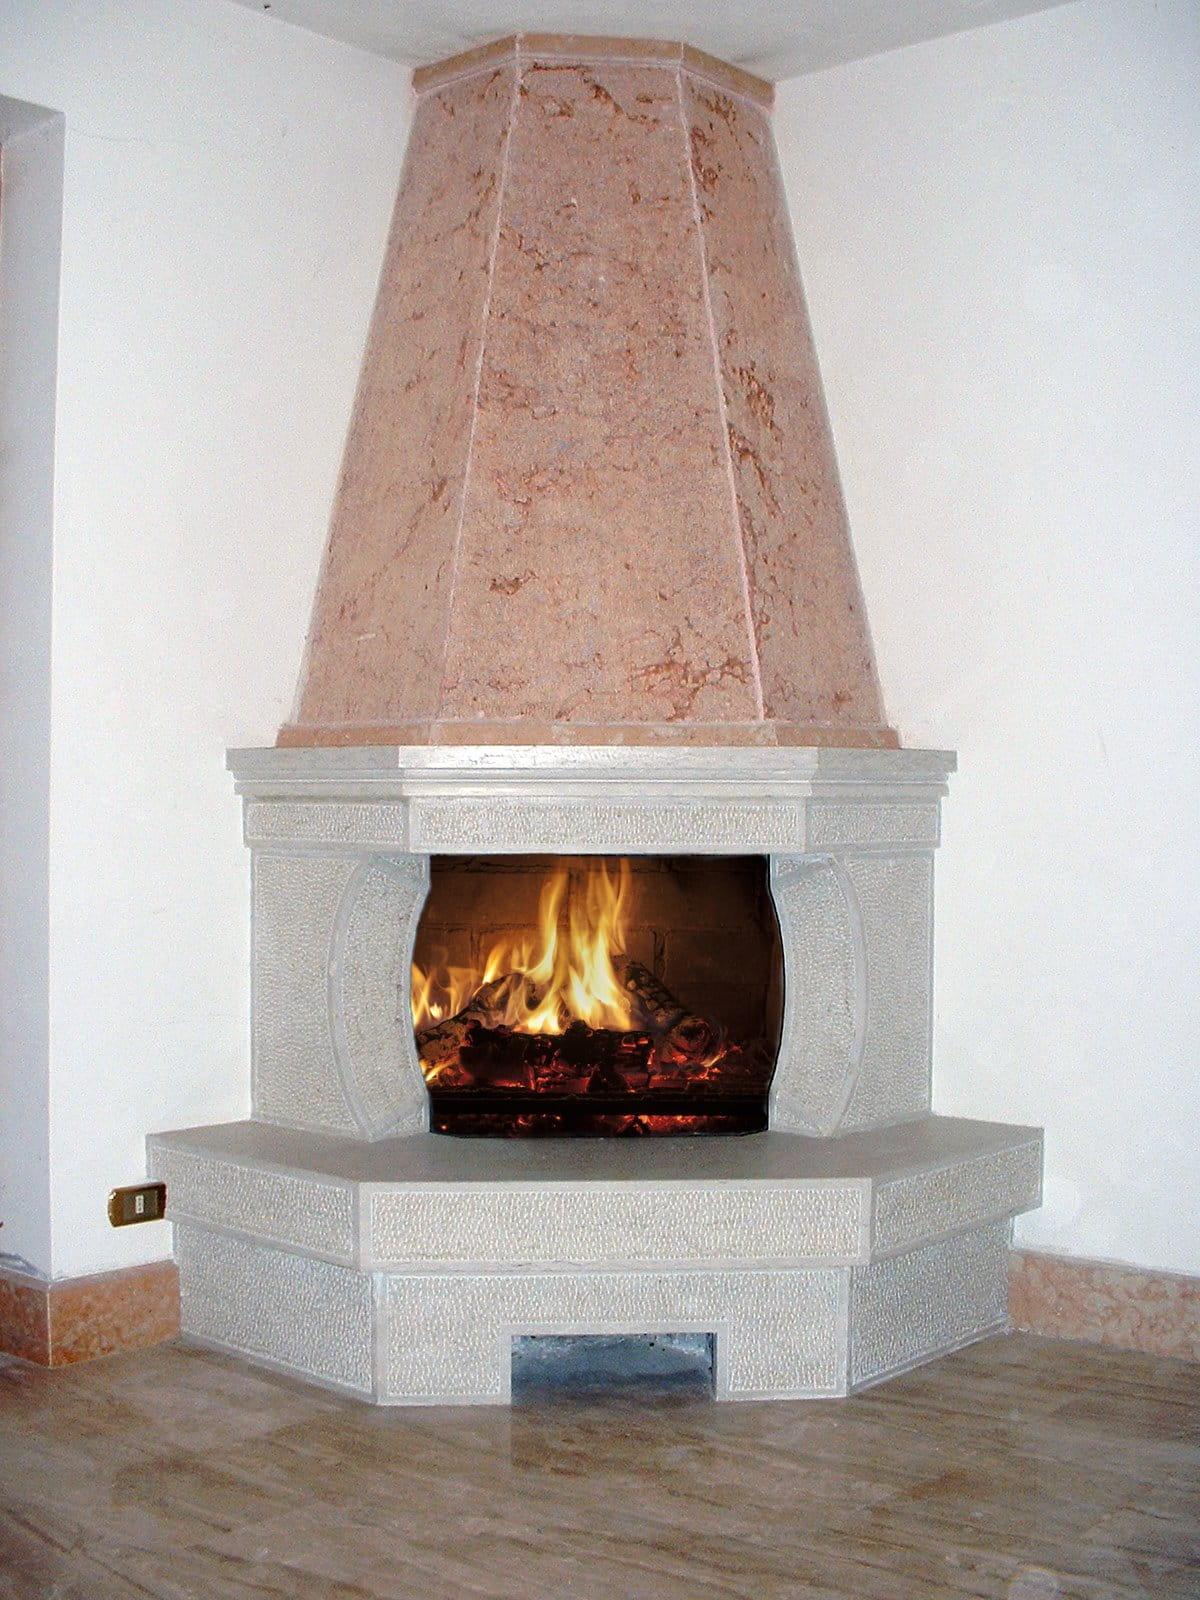 Foto caminetti rustici in pietra della lessinia o di prun. Cappa in Marmo rosso di Verona